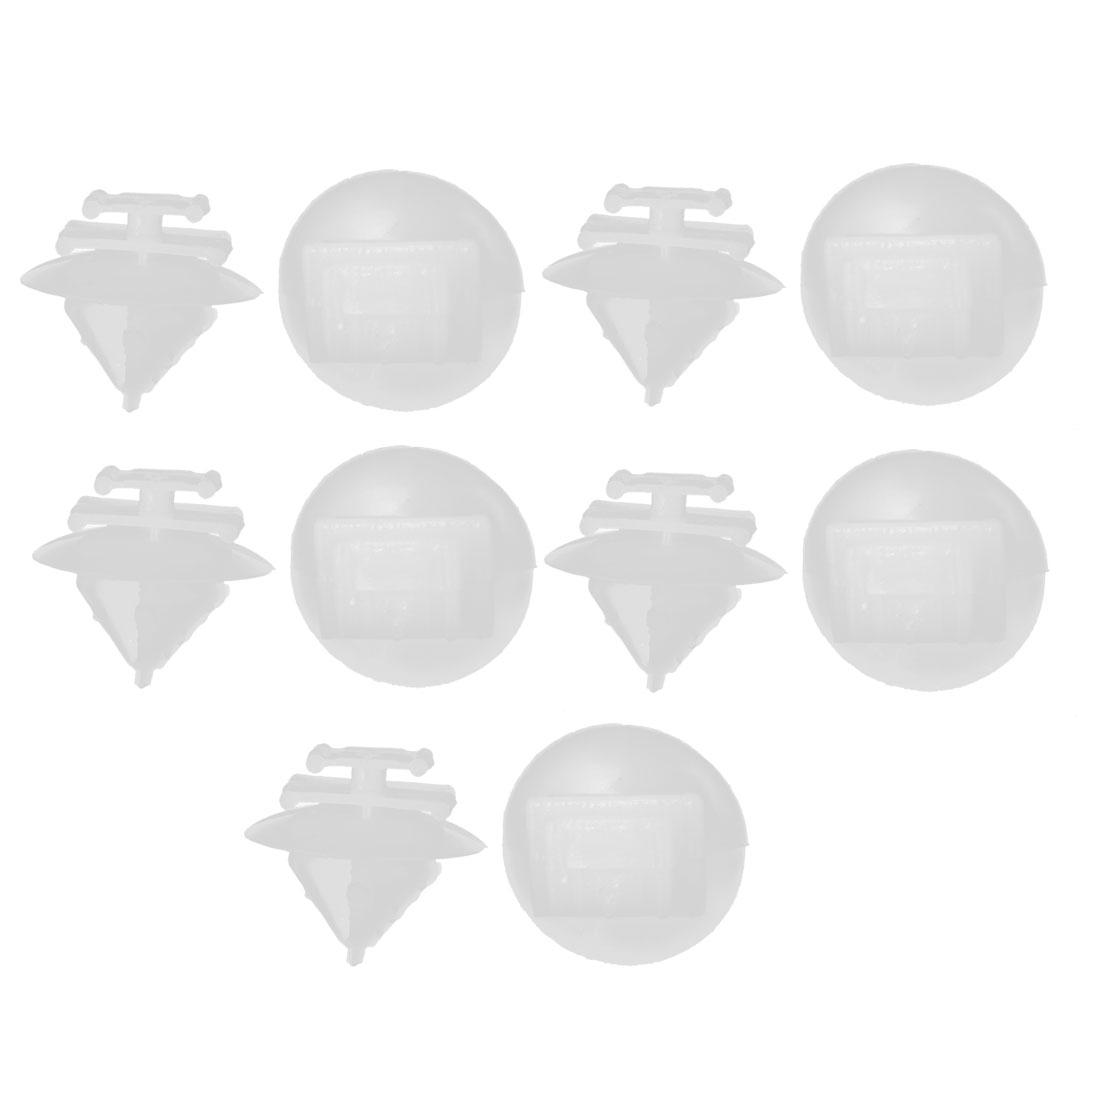 10pcs Blanc Garniture de portière Pare-boue Fixation Clips pour Citroen Peugeot